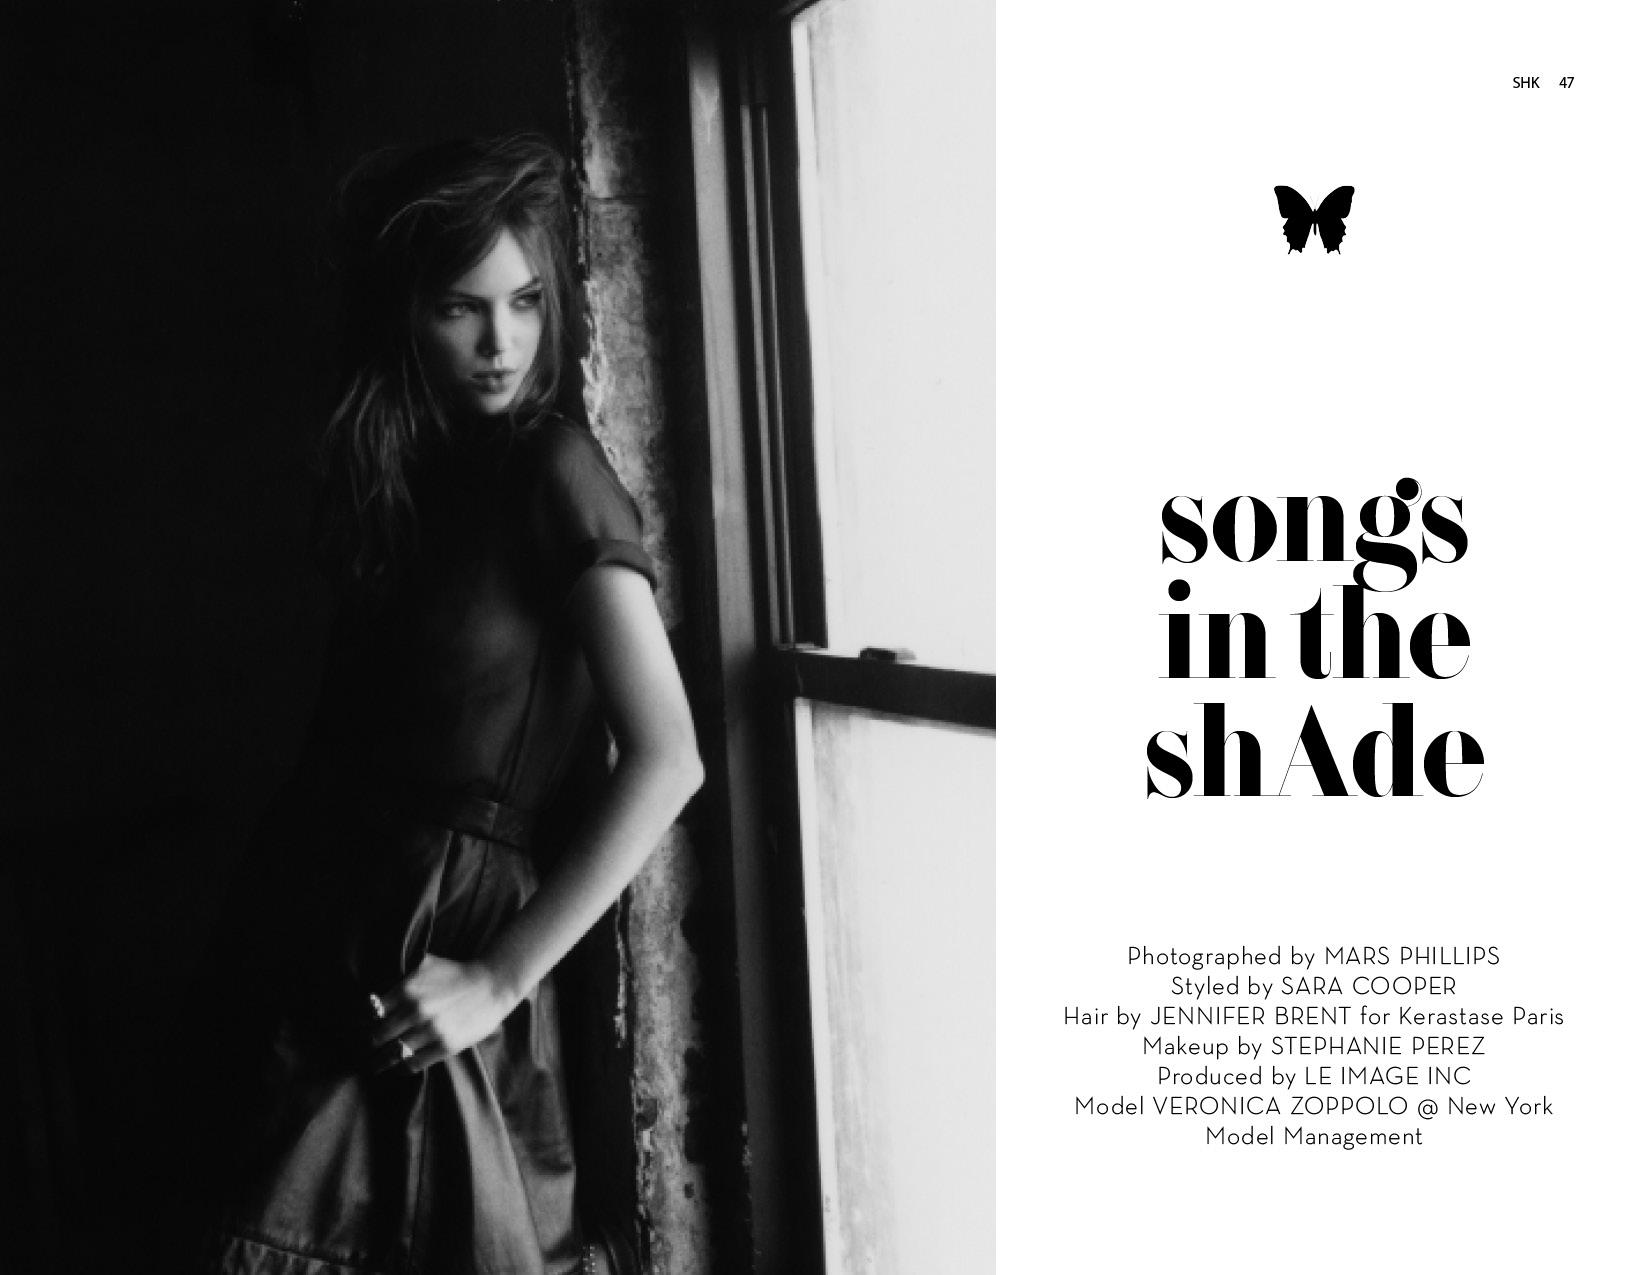 SHK-Summer-Issue-Summer-Needs-No-Explaination-201347.jpg